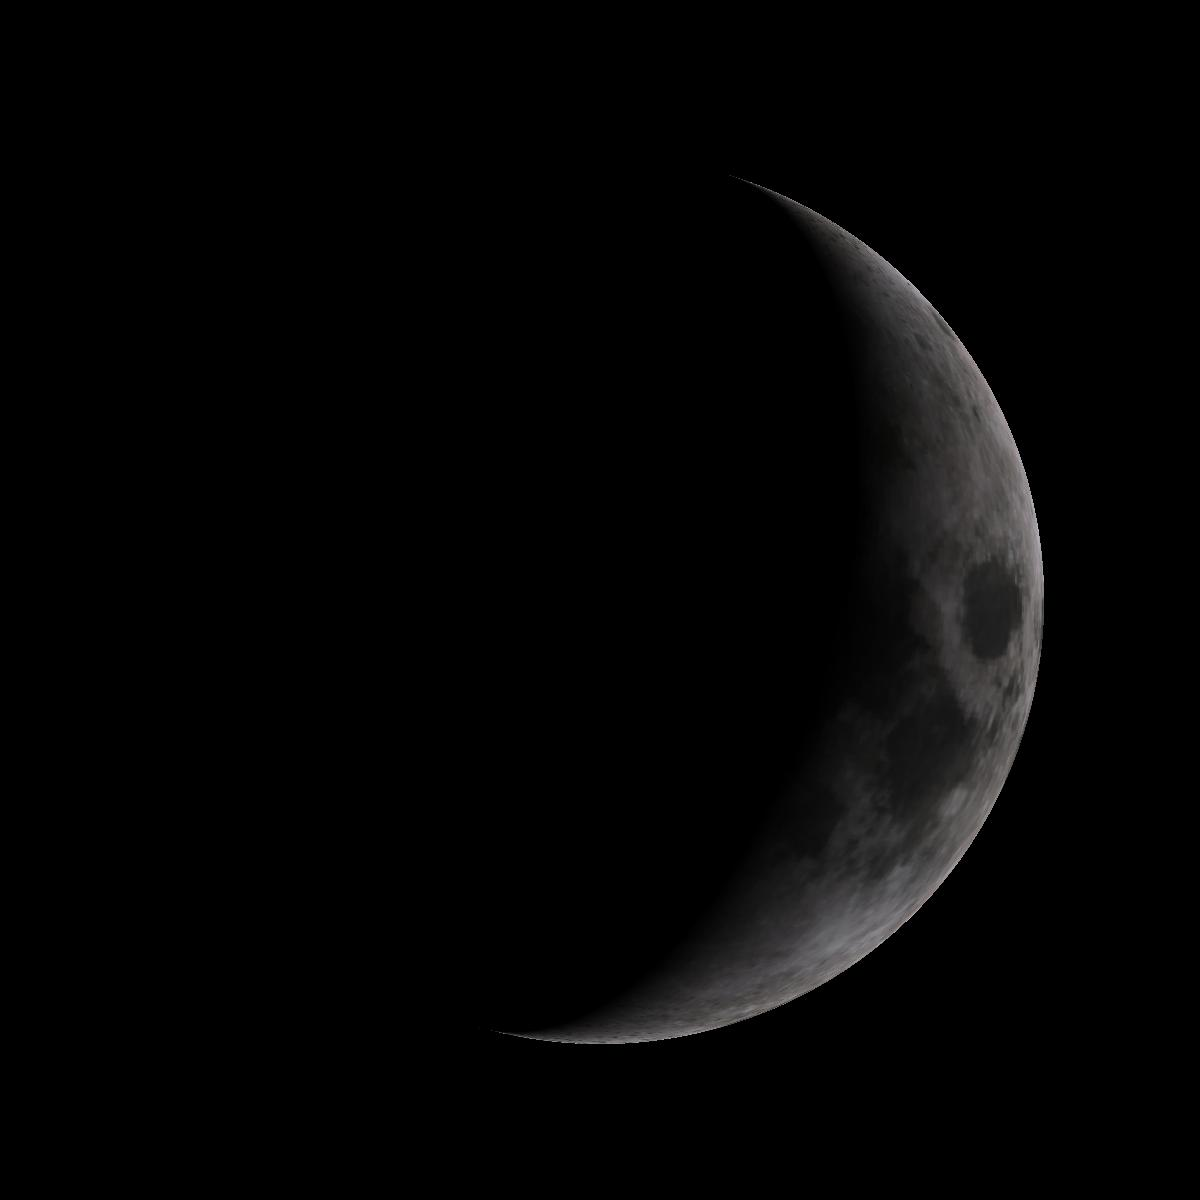 Lune du 29 février 2020